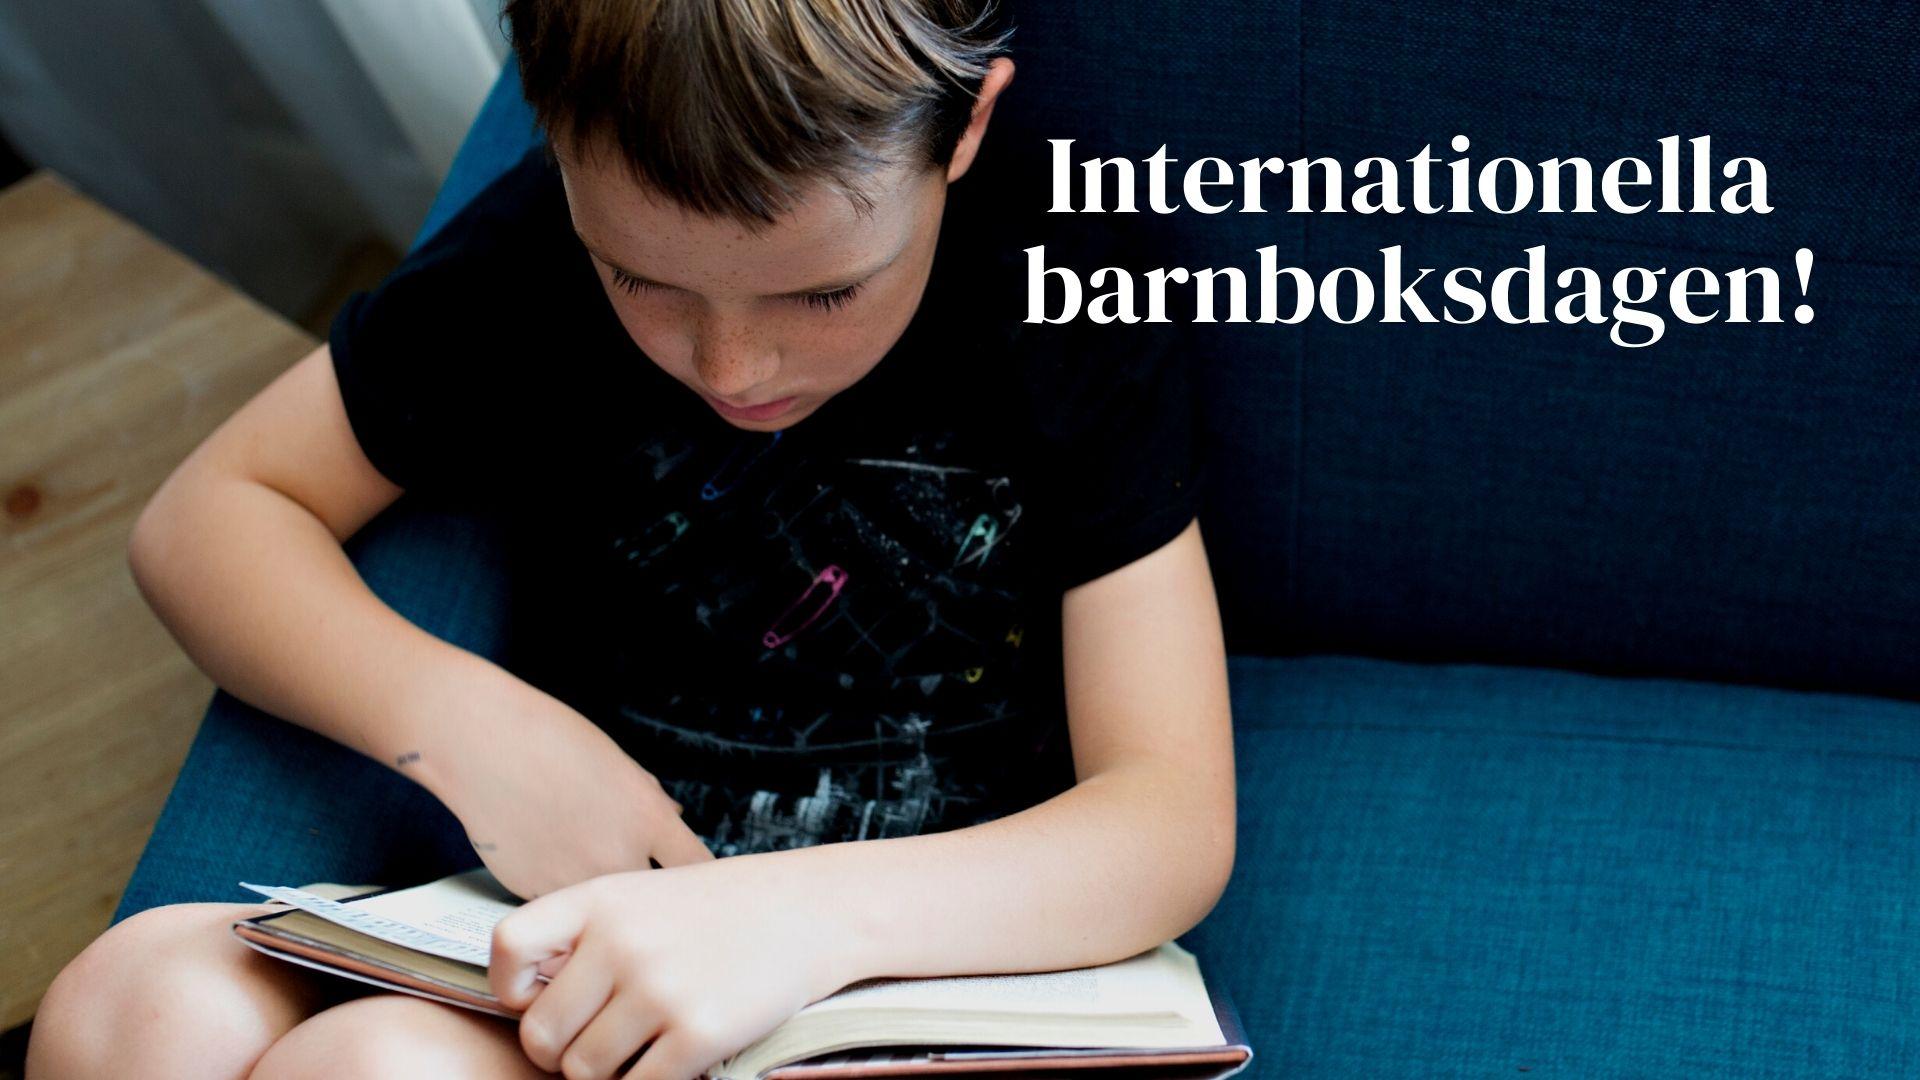 Internationella barnboksdagen